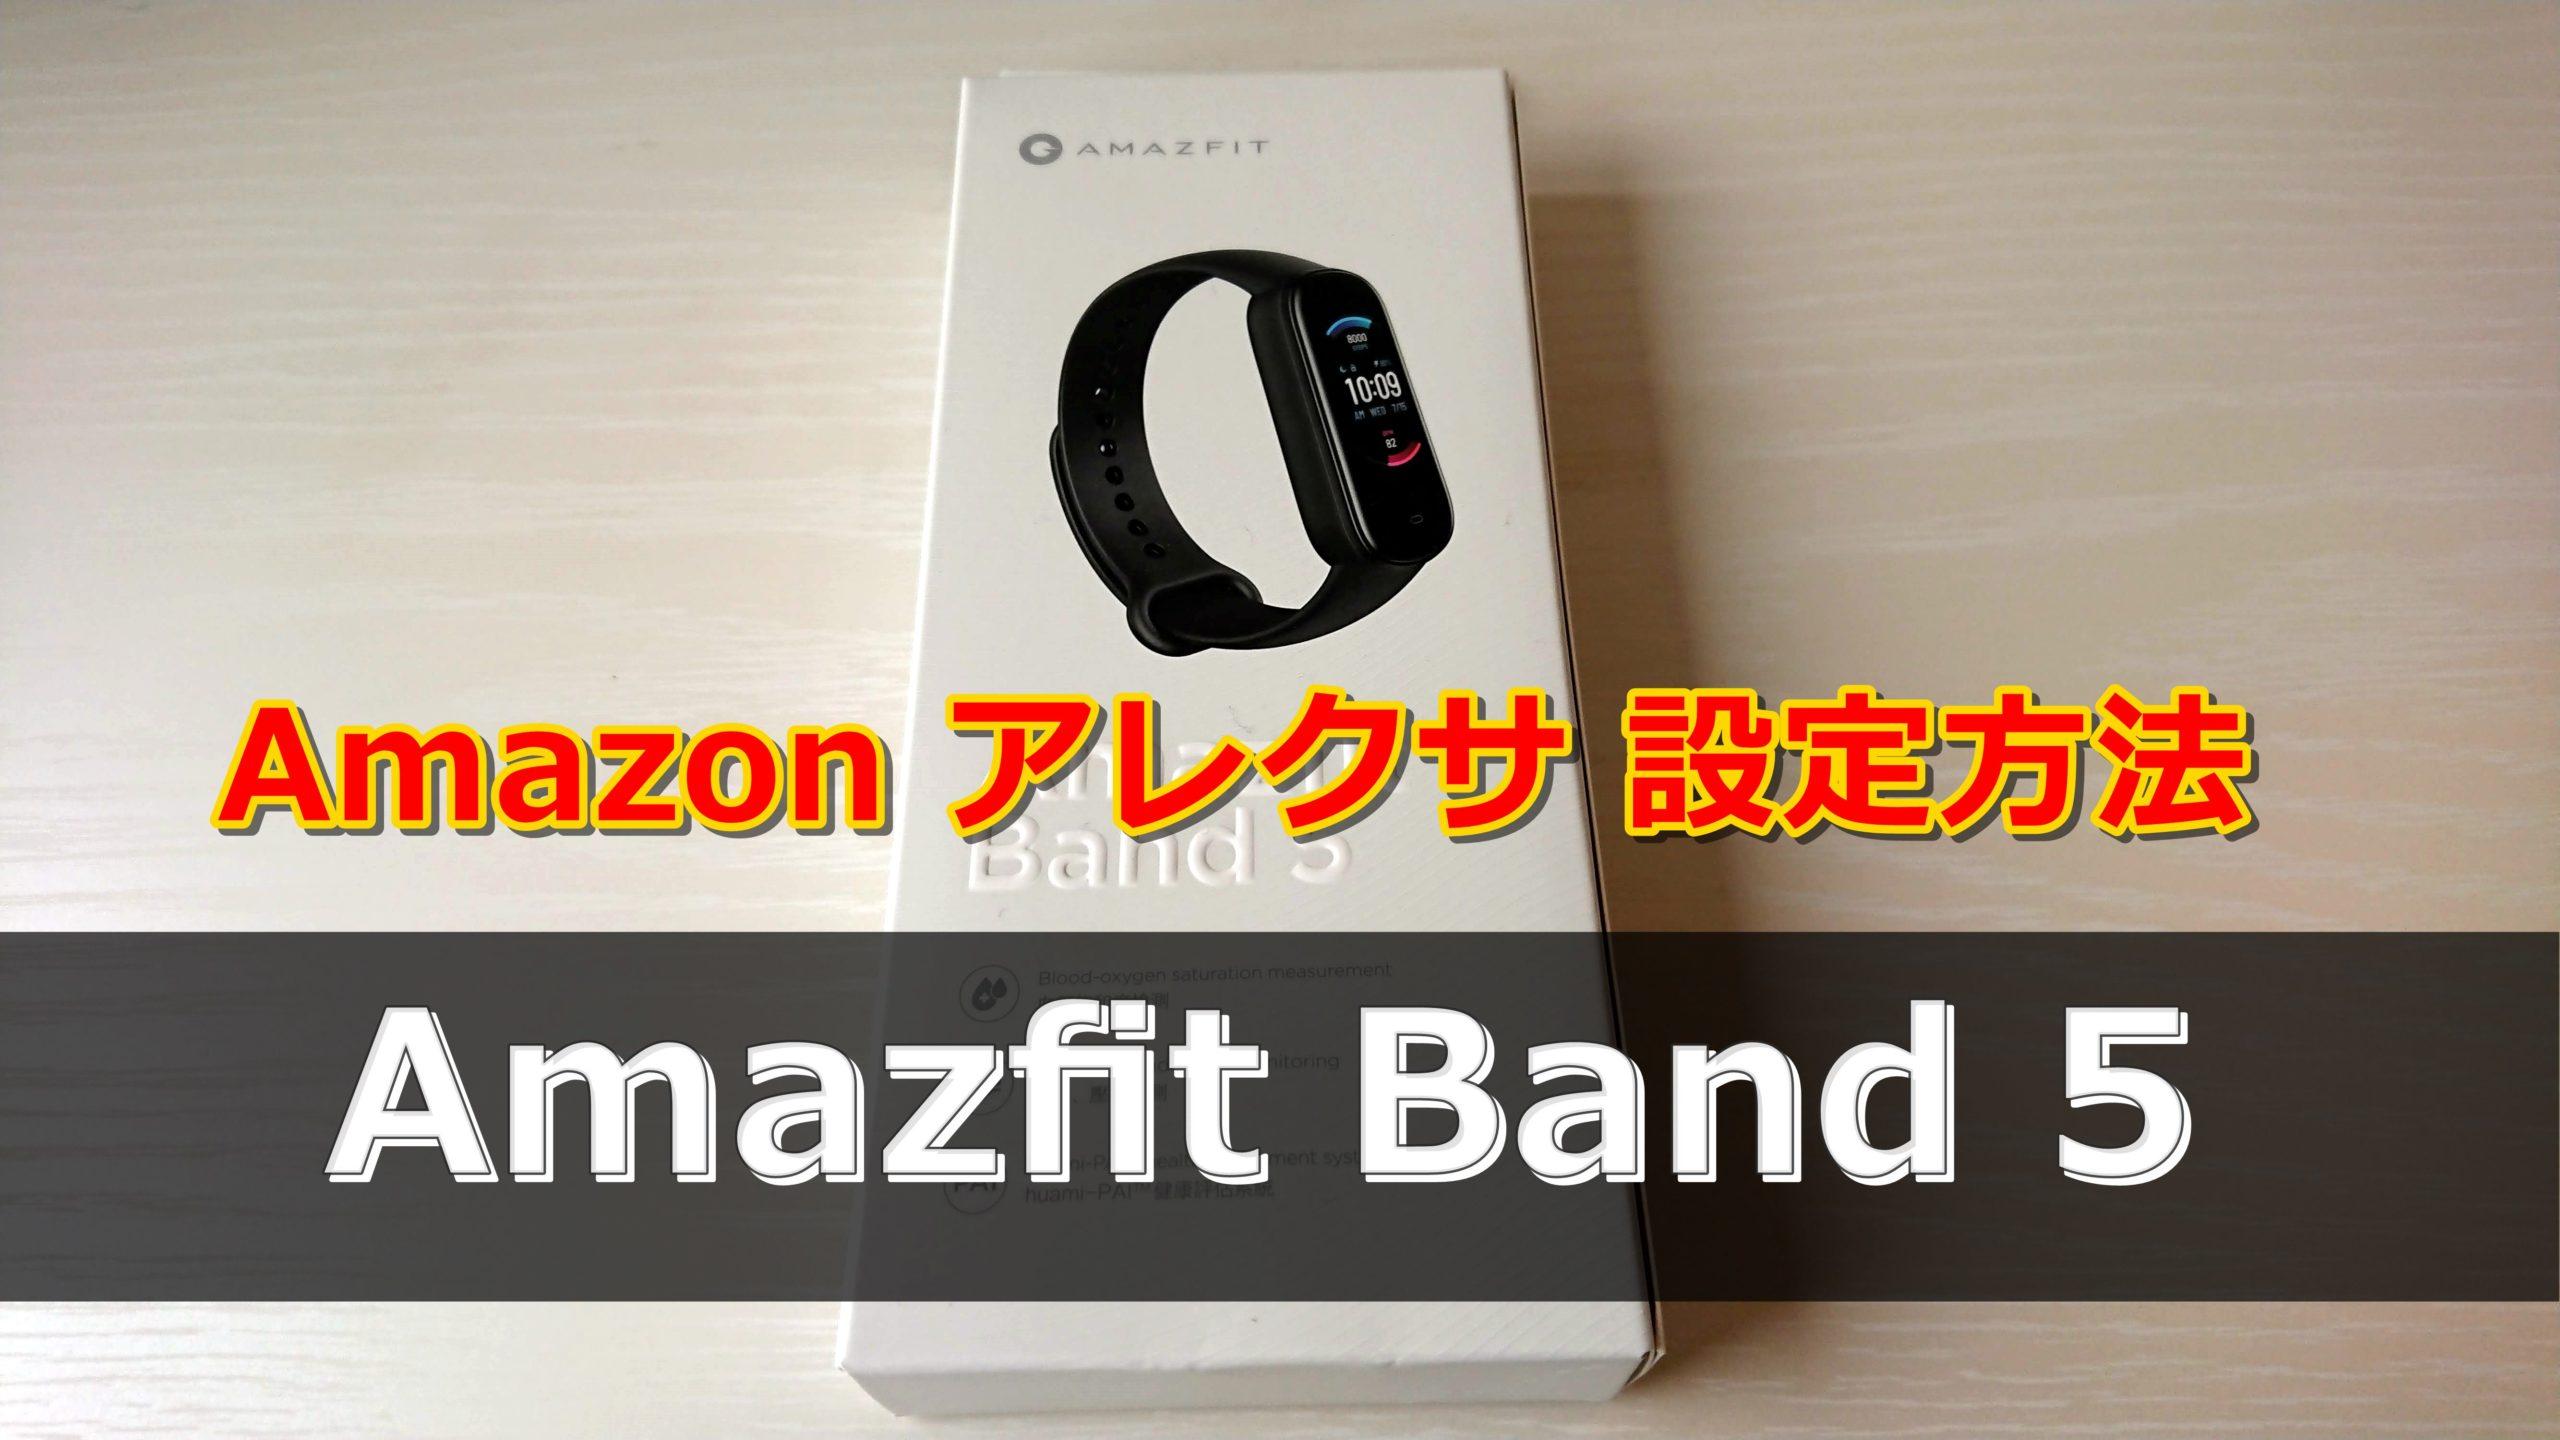 Amazfit Band 5のアレクサ(Alexa)設定方法を画像付きでわかりやすく解説